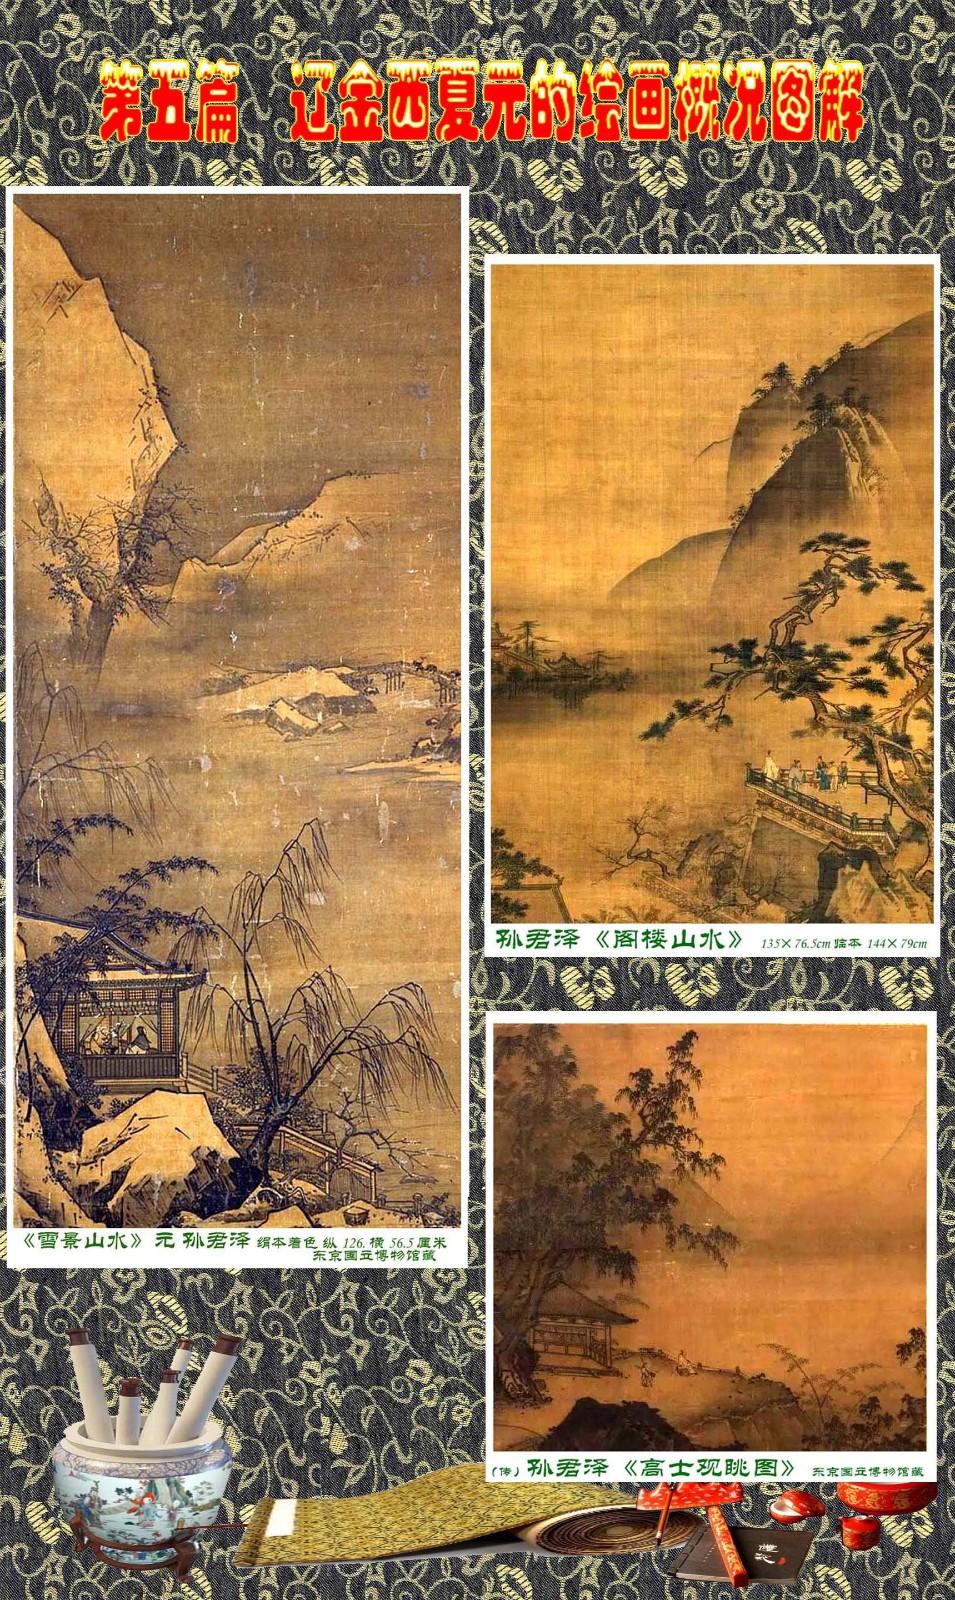 顾绍骅编辑 中国画知识普及版 第五篇 辽金西夏元的绘画概况 下 ... ..._图1-71